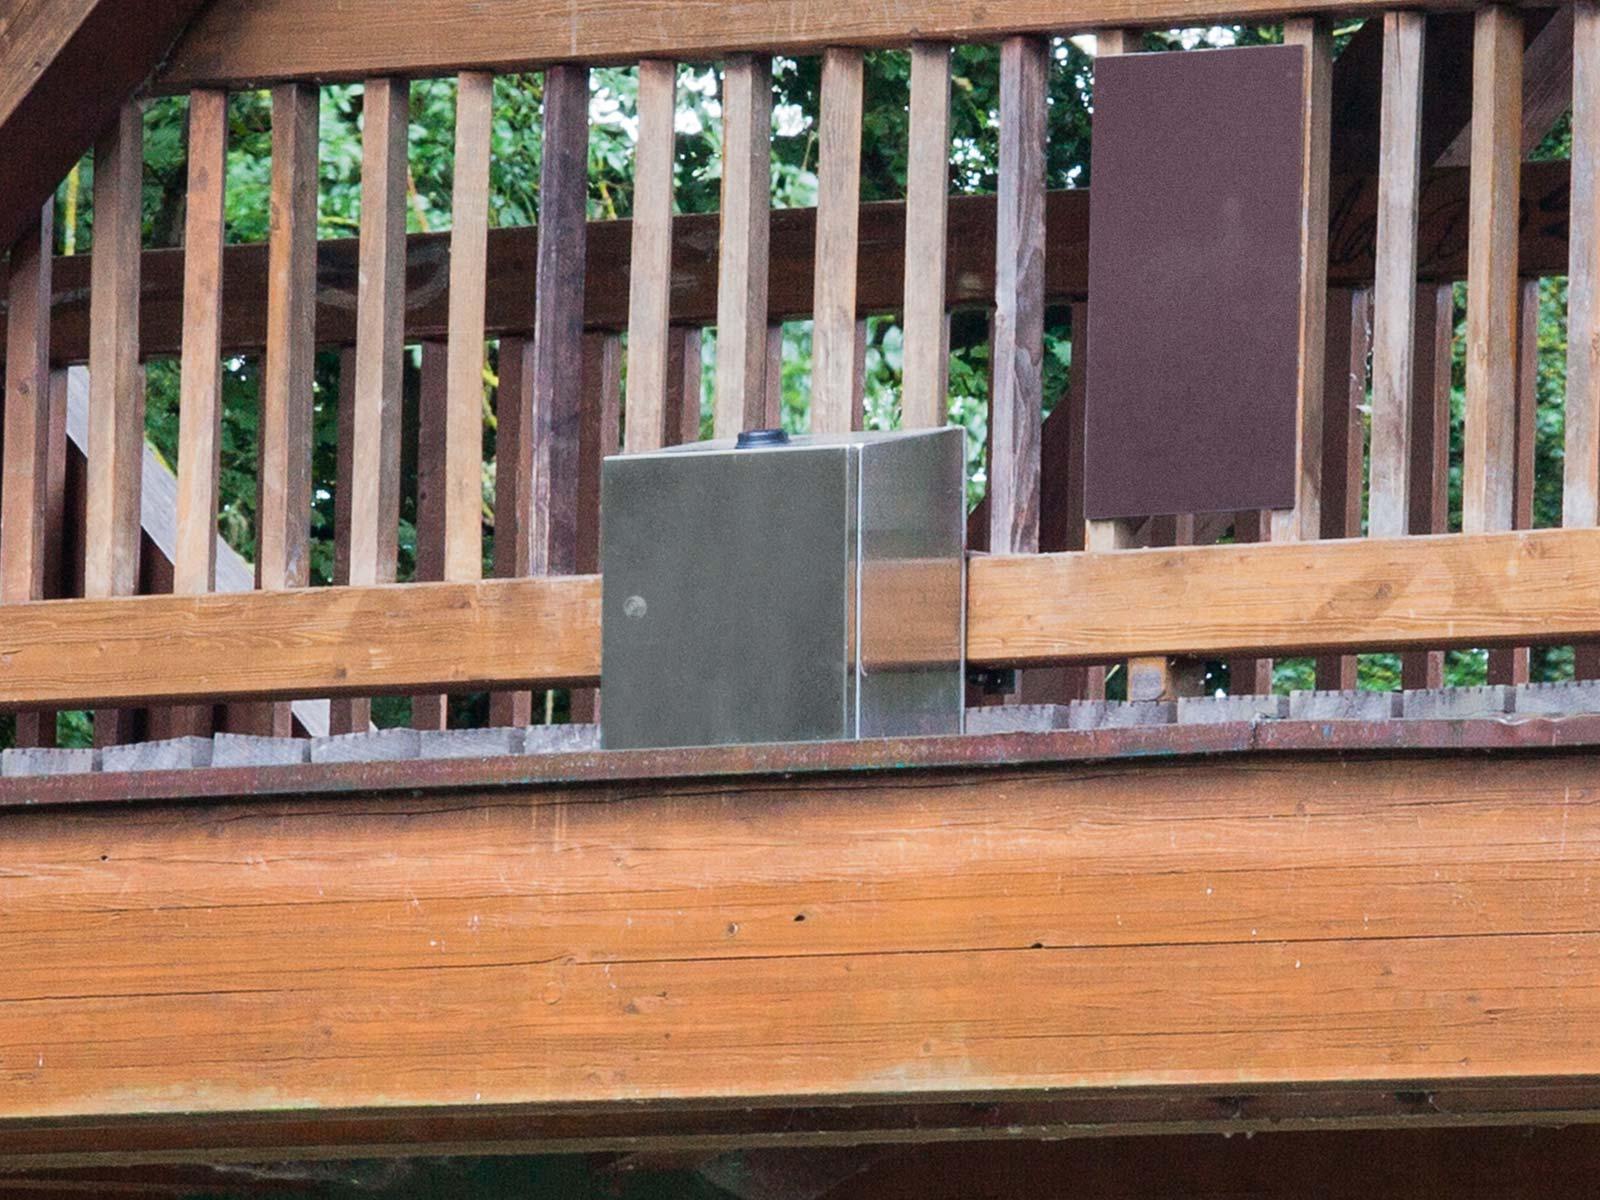 Datenfunkmodul sendet Pegelstand: DATAEAGLE im Schaltschrank direkt an der Brücke